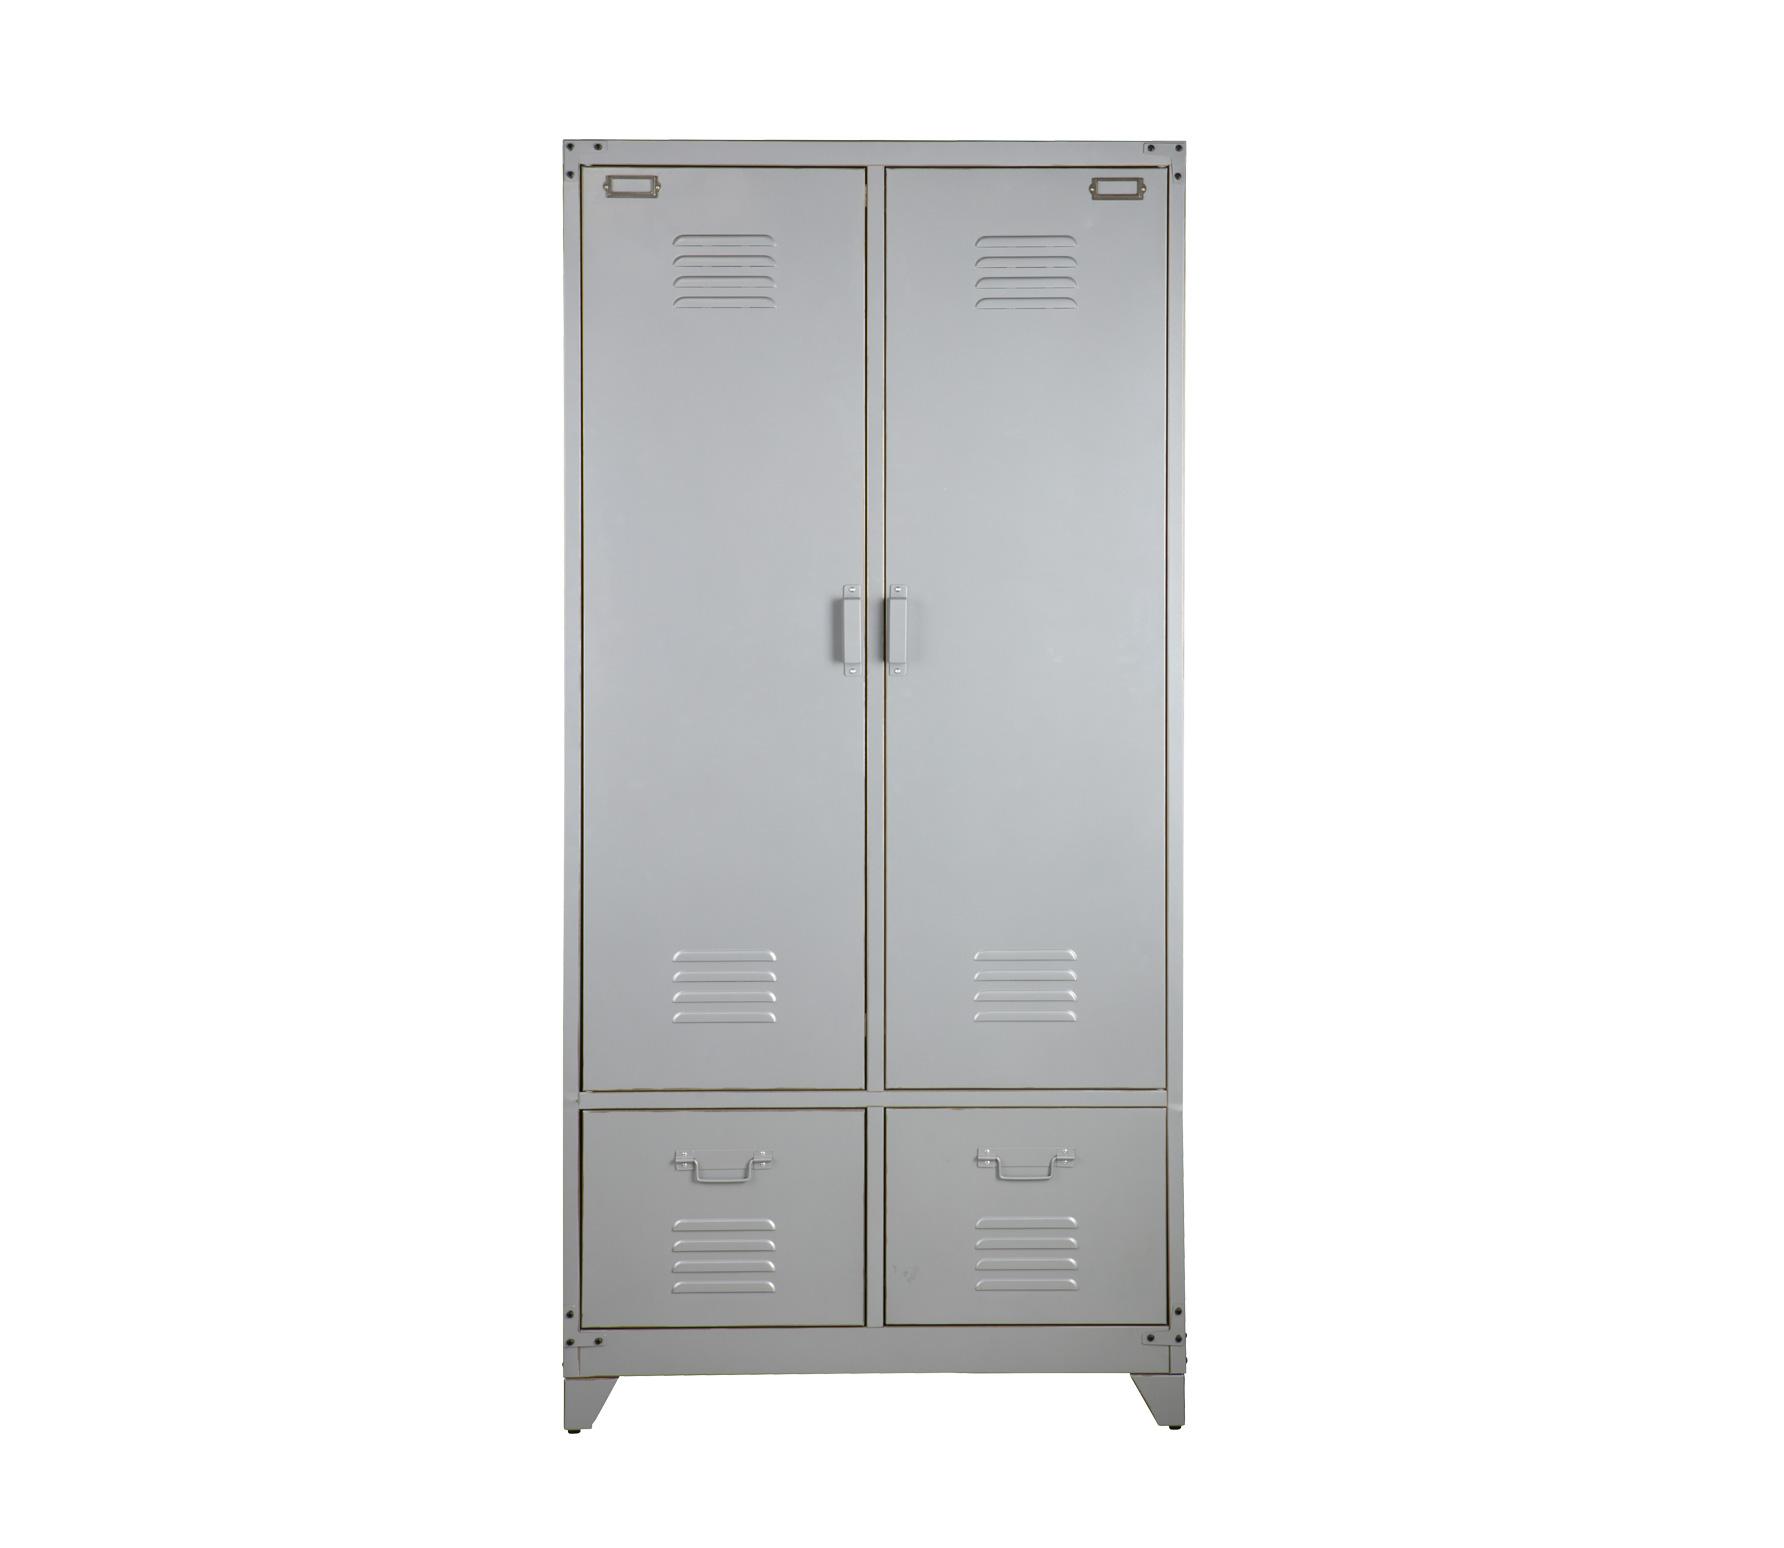 vtwonen Safe lockerkast 190x90x50 cm zilvergrijs metaal Zilvergrijs